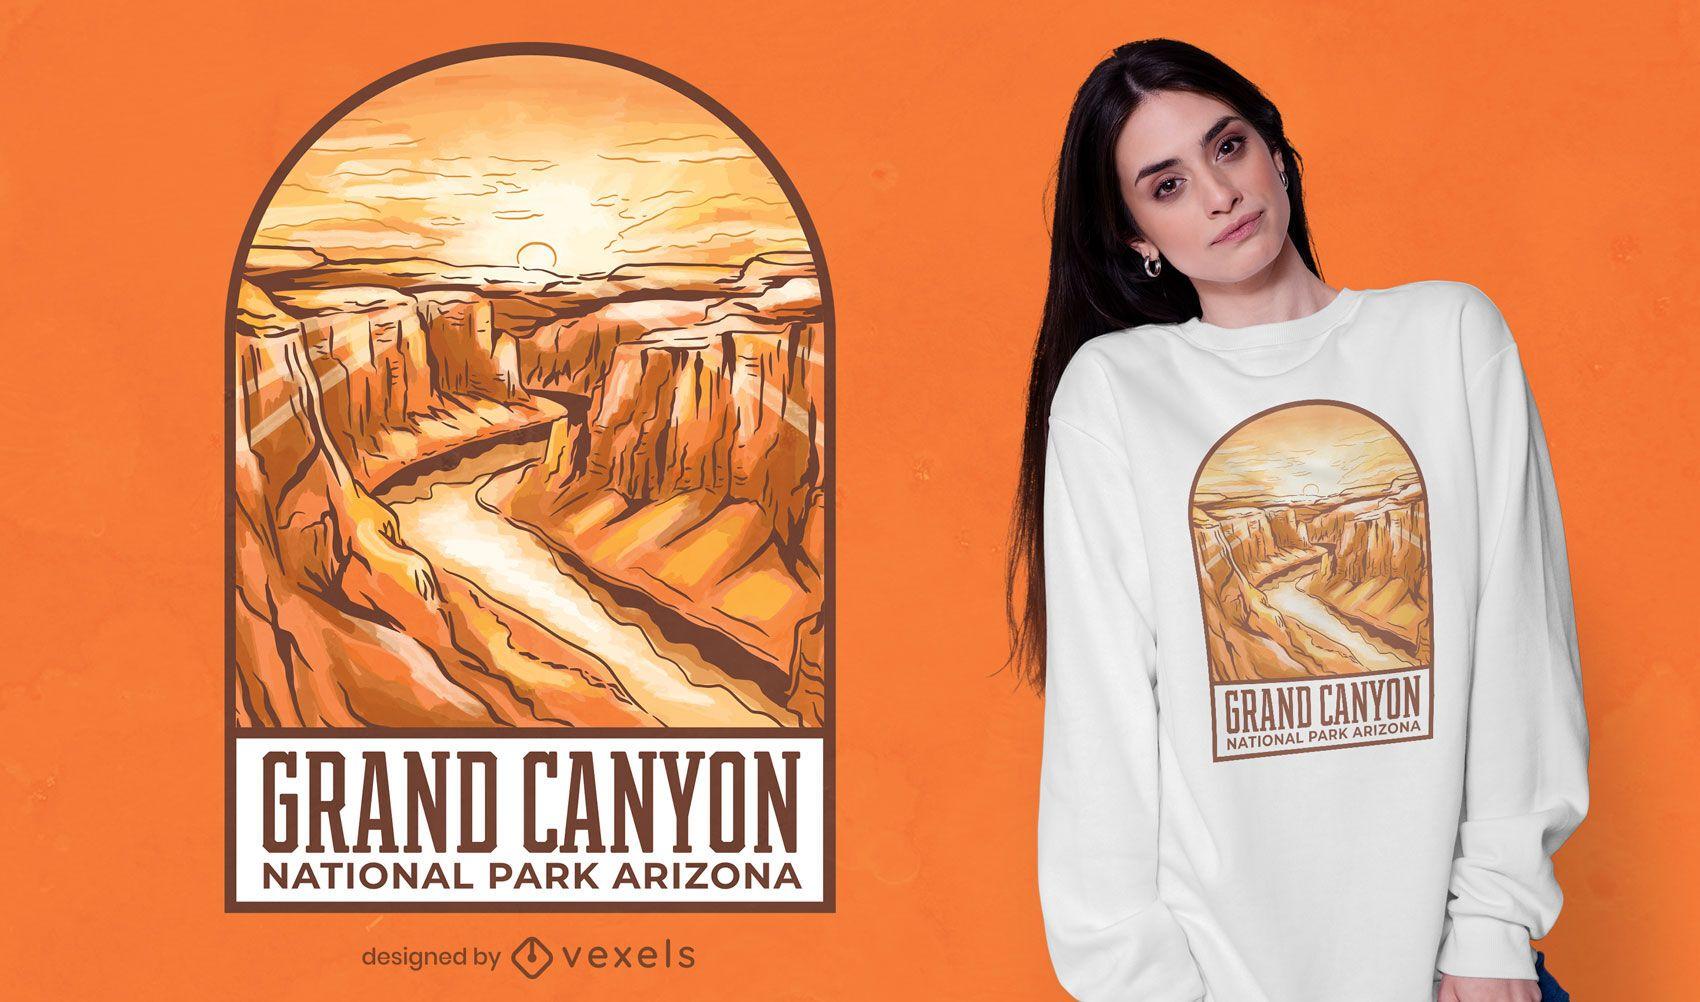 Dise?o de camiseta con ilustraci?n del Gran Ca??n